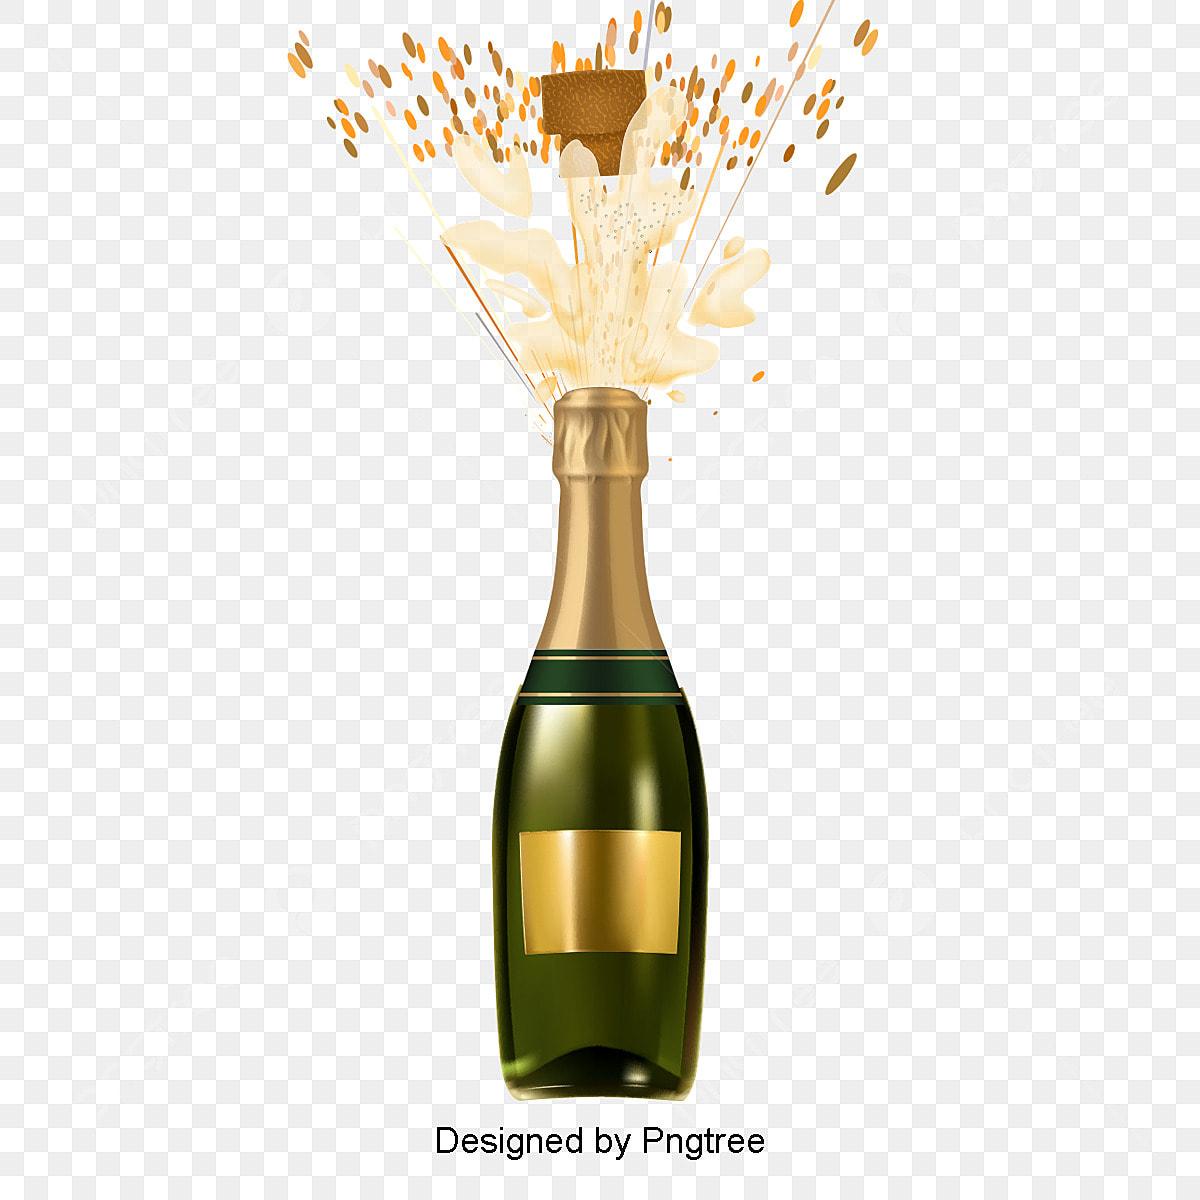 La Bouteille De Champagne Png Images Vecteurs Et Fichiers Psd Telechargement Gratuit Sur Pngtree